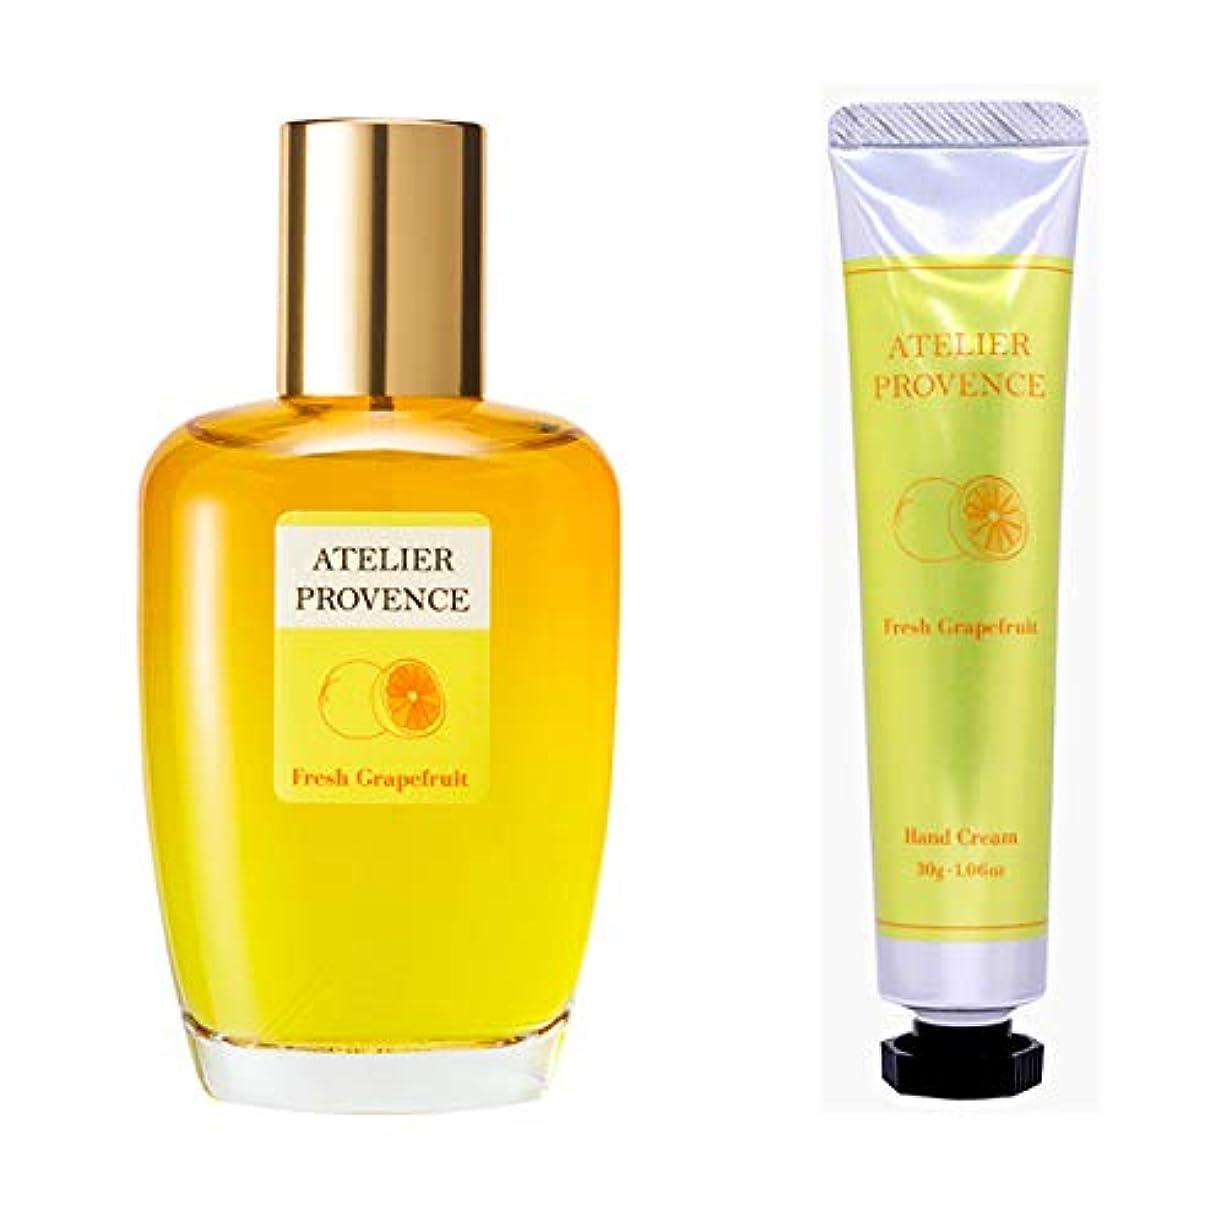 黙認する半径チャンバーアトリエ プロヴァンス ATELIER PROVENCE フレッシュグレープフルーツの香り コフレセット(EDT90ml+ハンドクリーム30g)